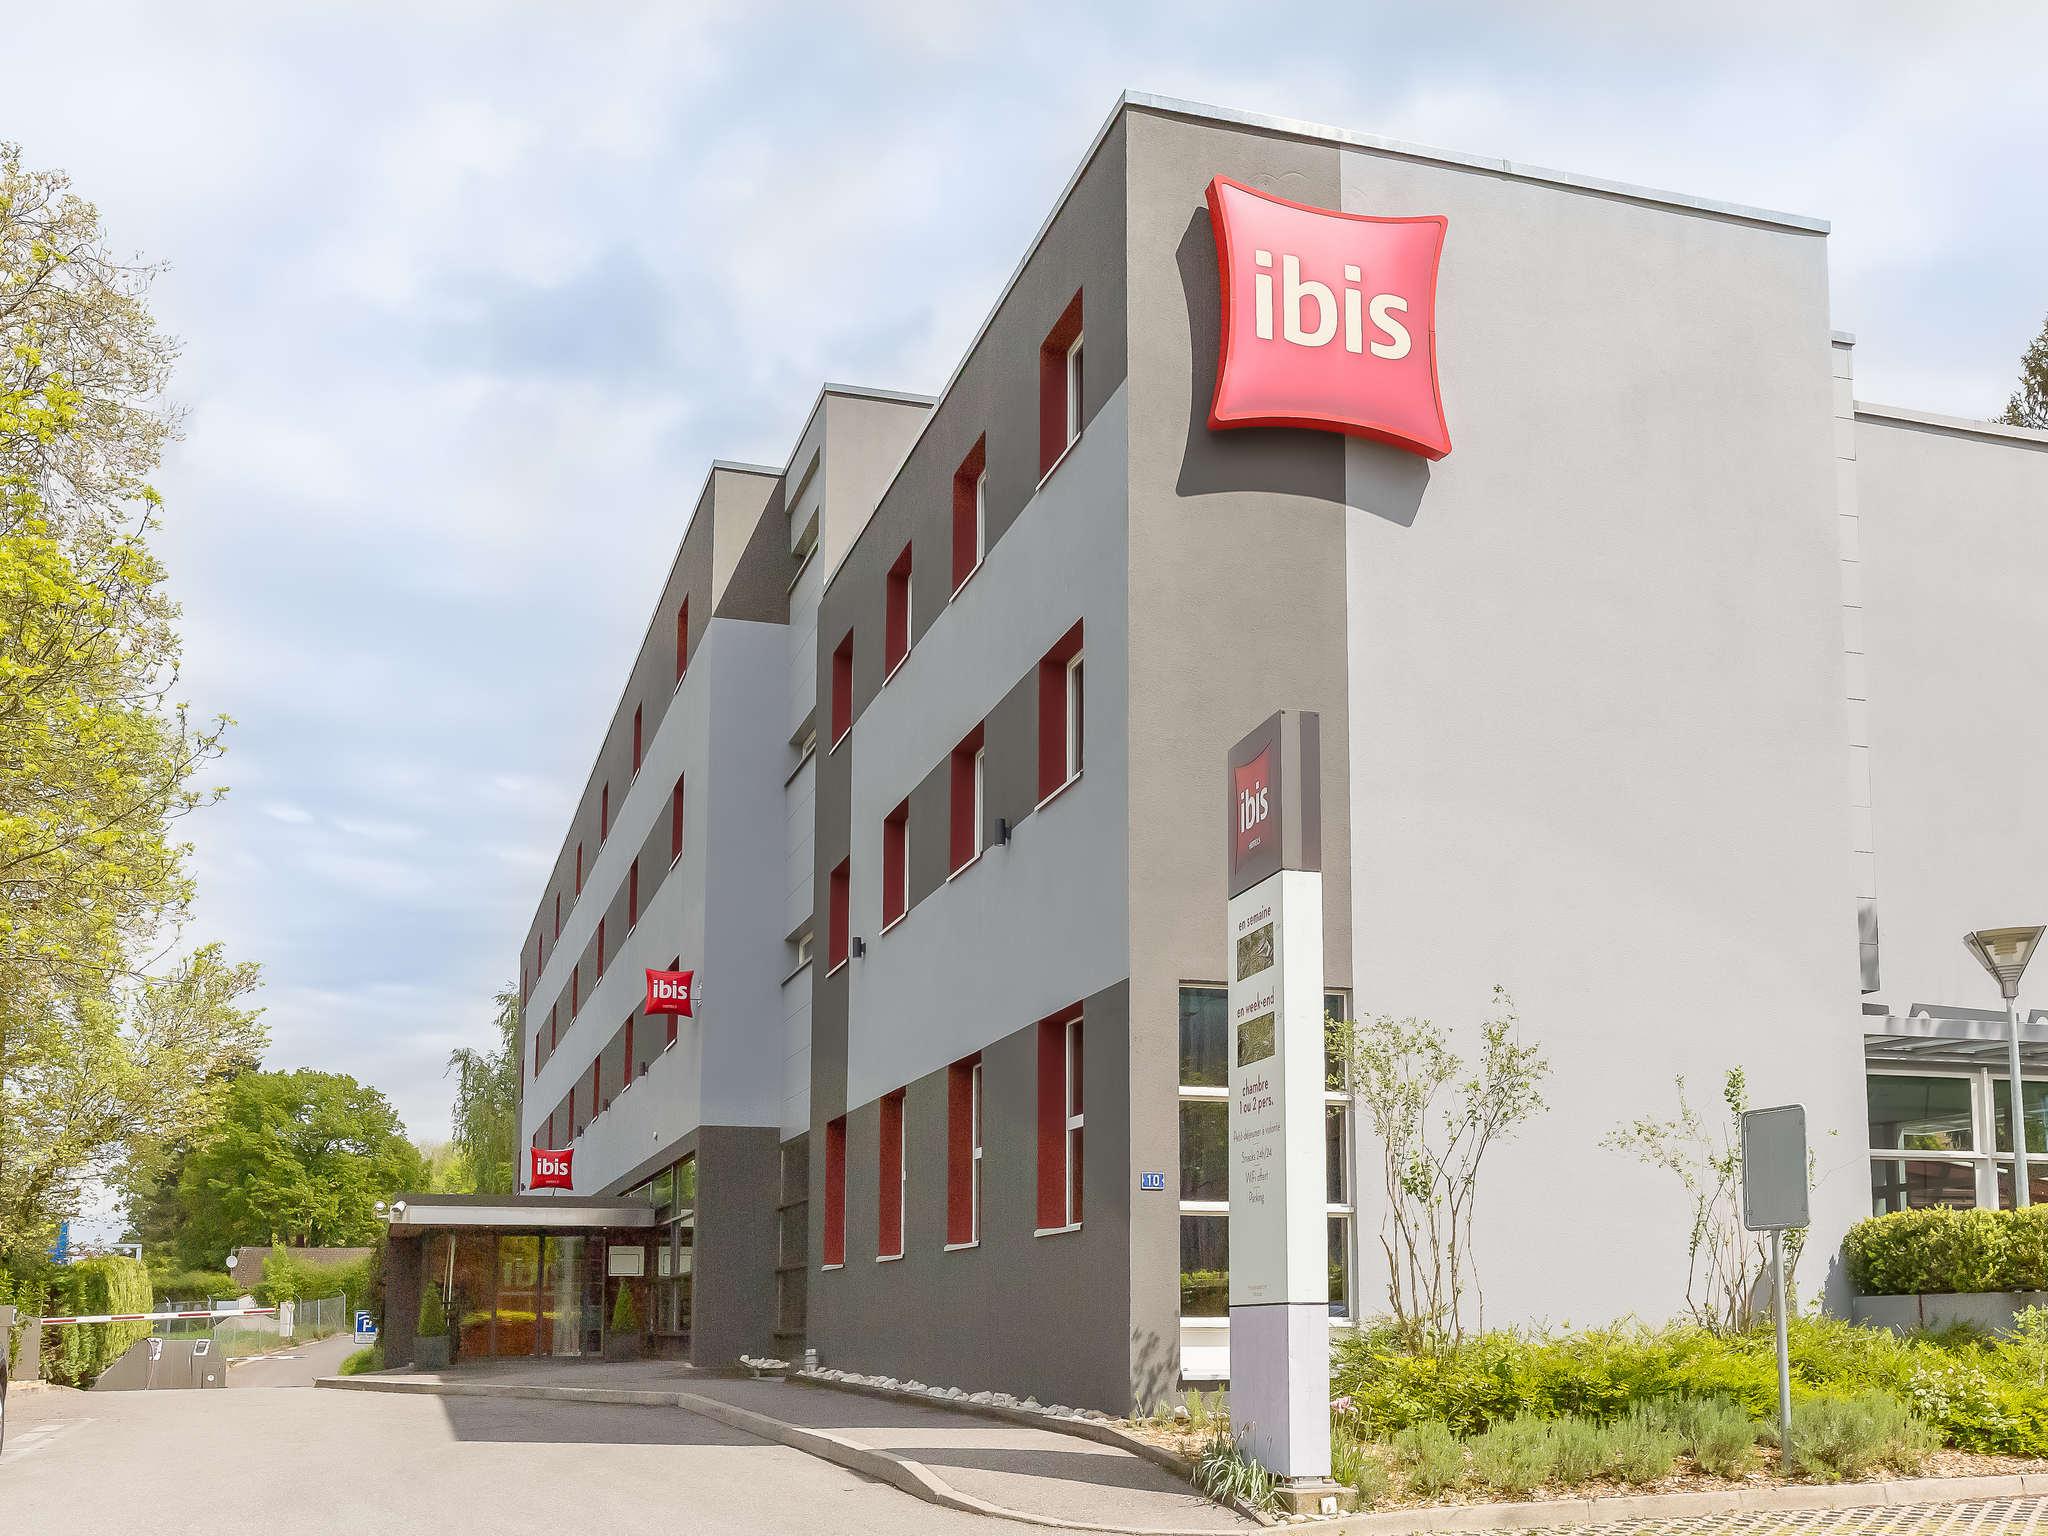 فندق - إيبيس ibis جنيف أييروبورت